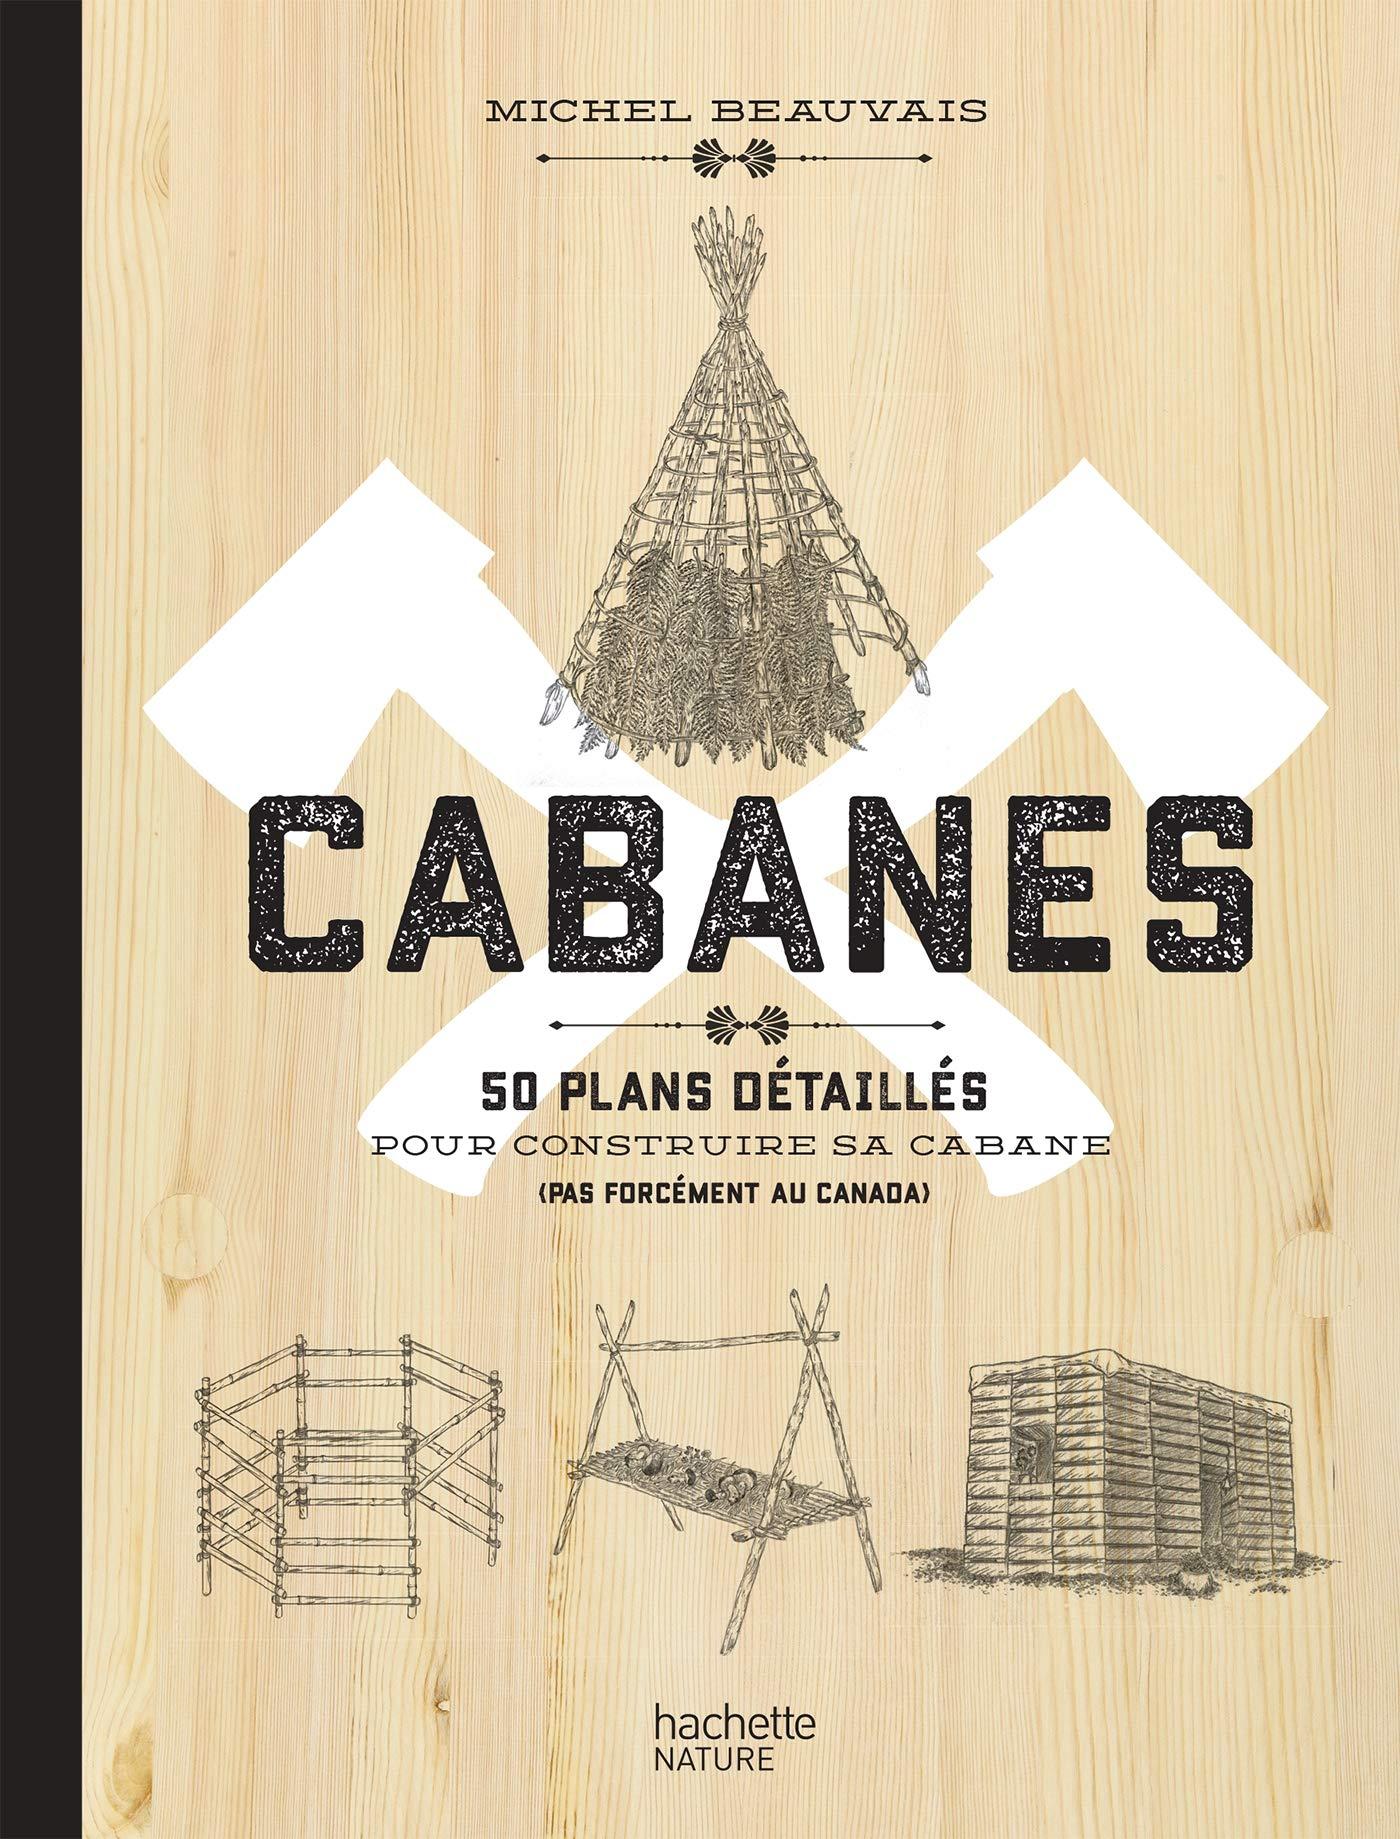 Cabanes 50 Plans Detailles Pour Construire Sa Cabane Pas Forcement Au Canada Loisirs Sports Passions French Edition Beauvais Michel 9782017041016 Amazon Com Books